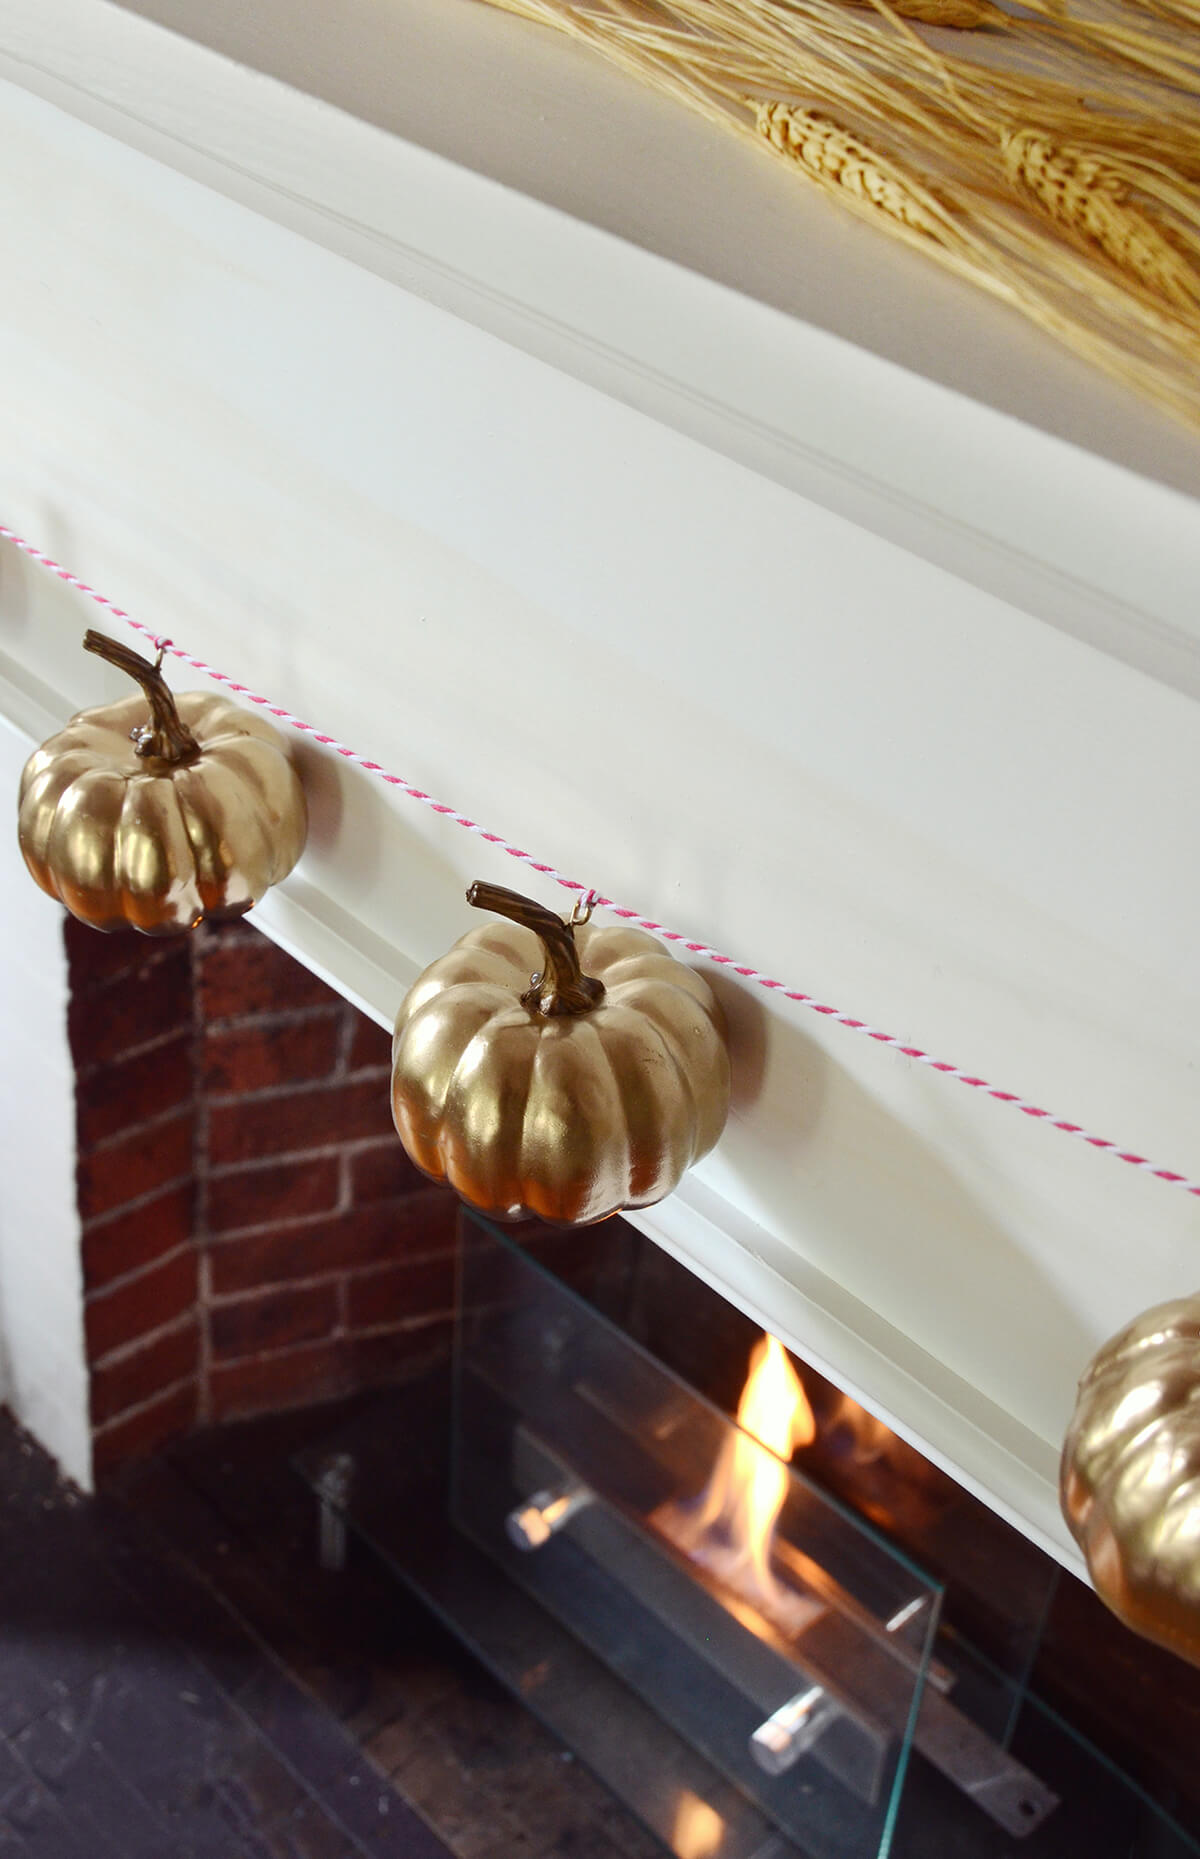 Citrouilles arborant un manteau doré brillant